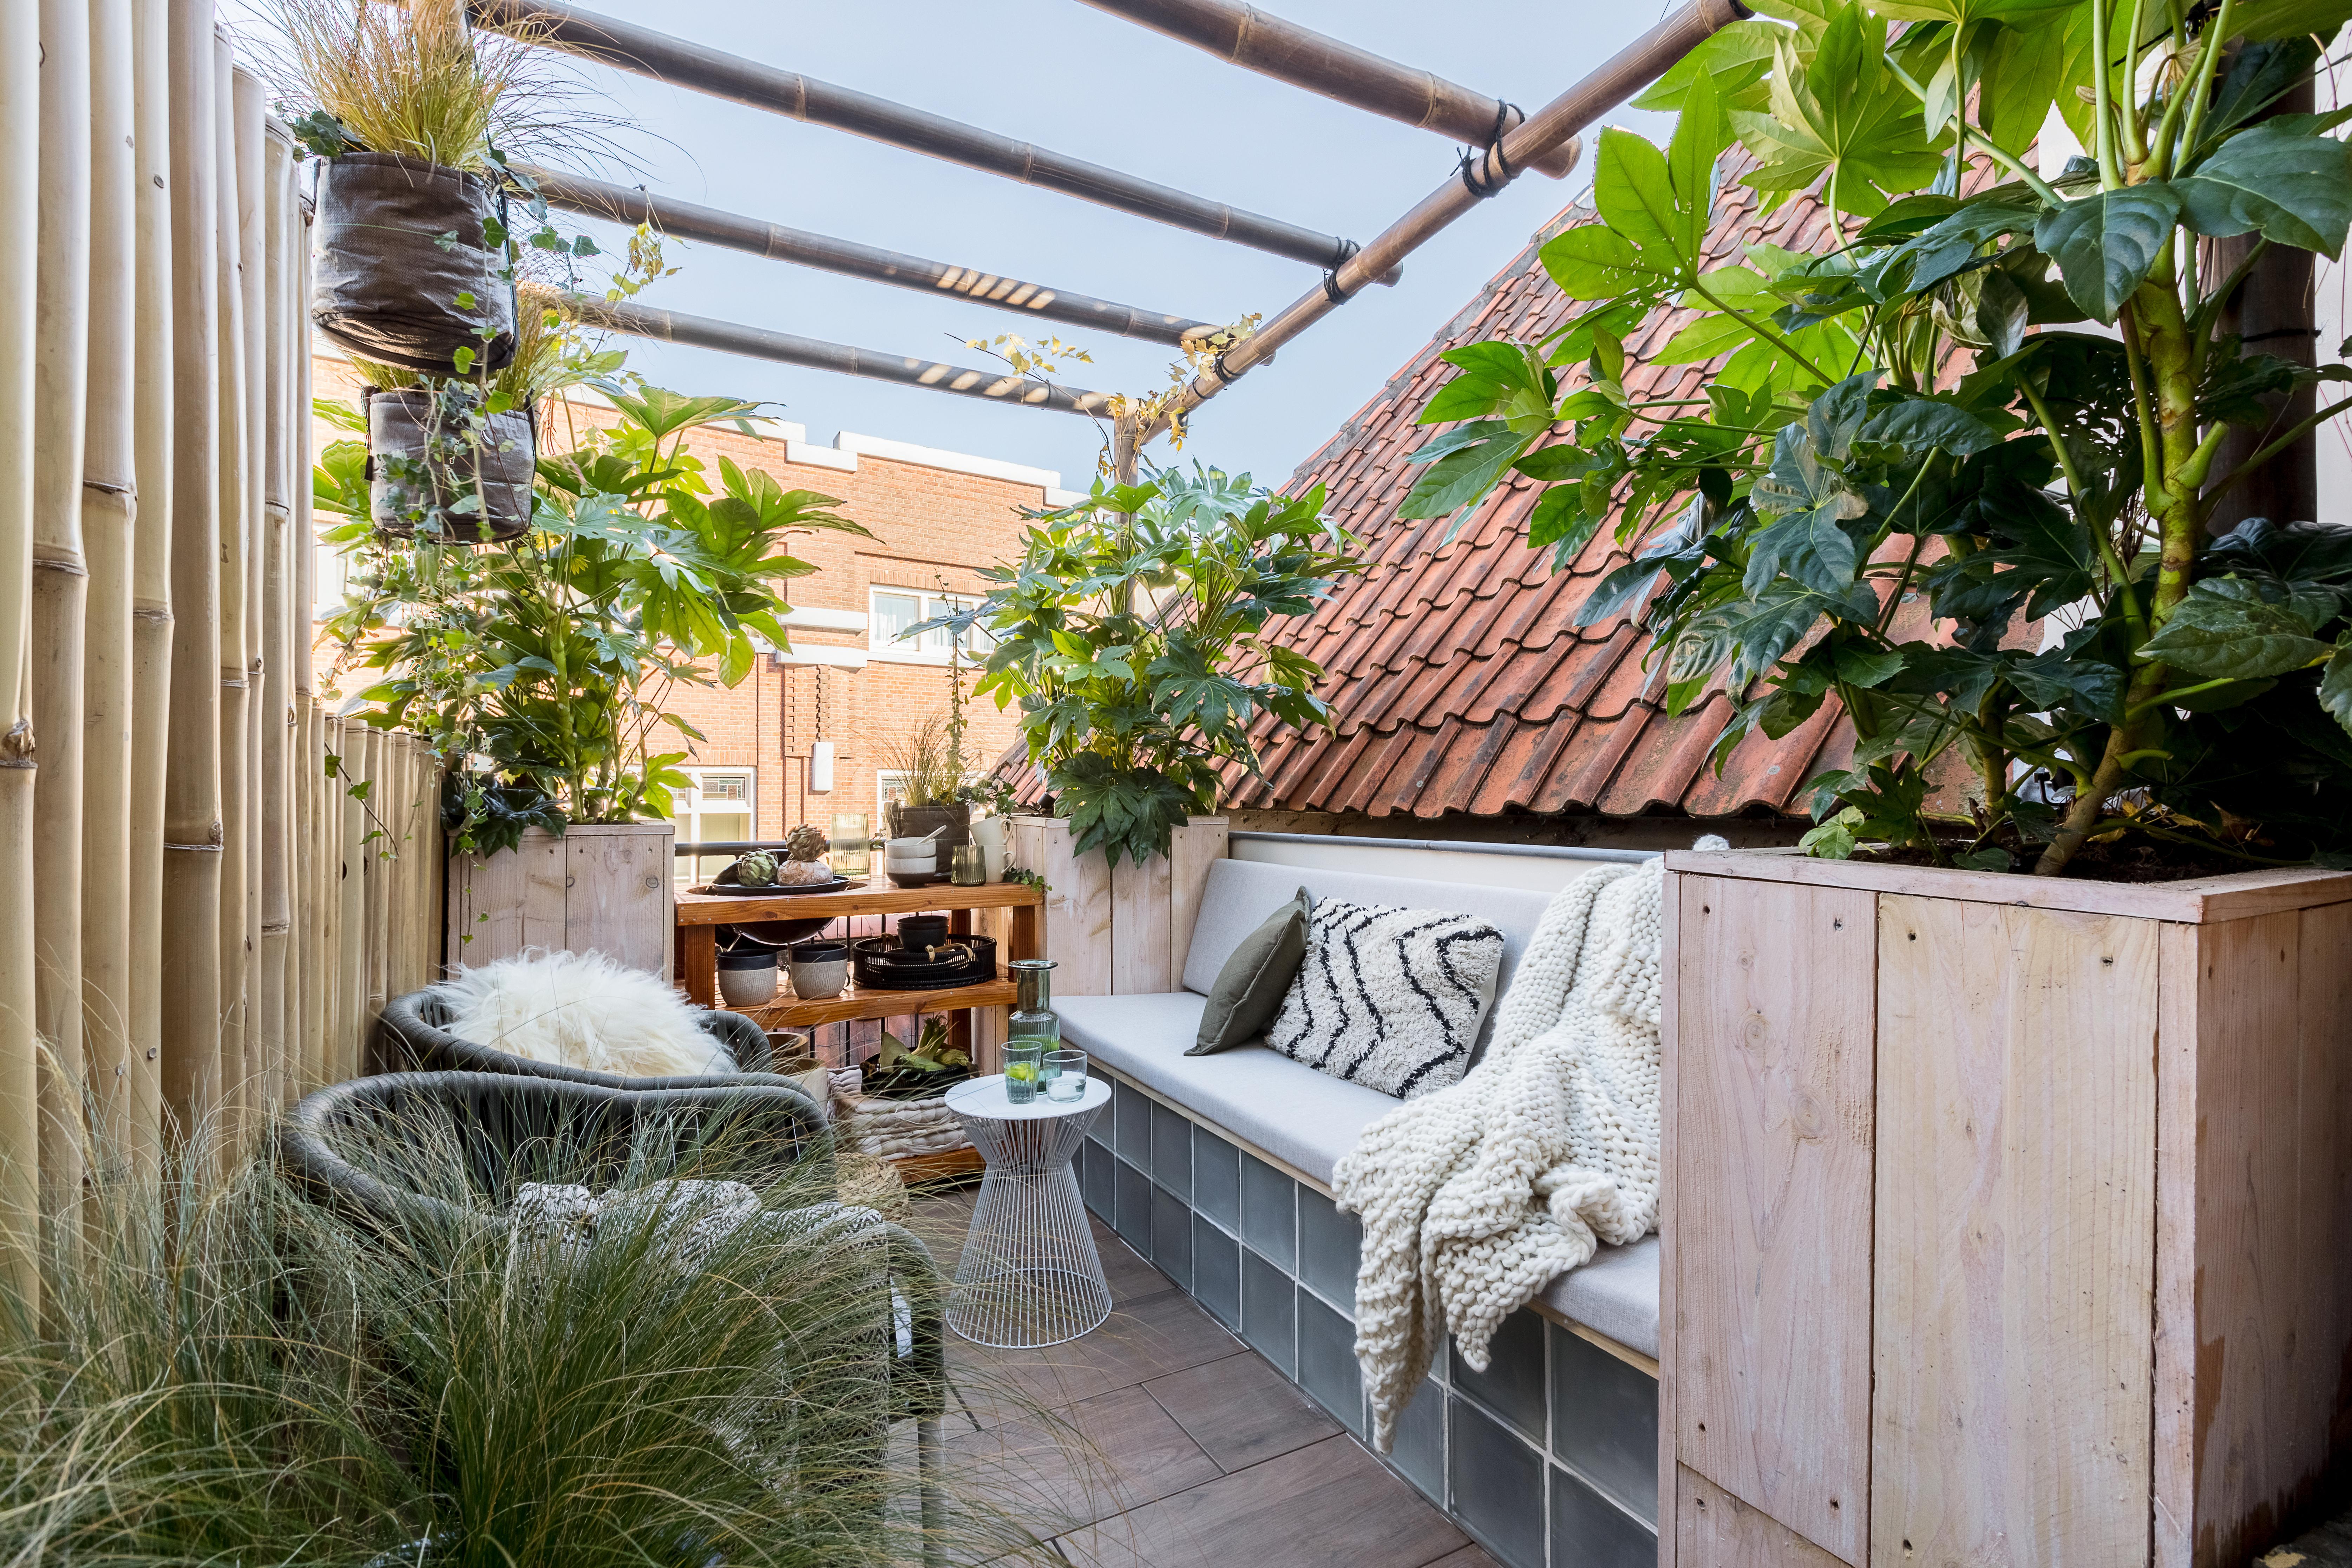 Goedkope Zitkussens Tuin : Ontwerp jouw meubel helemaal op maat bij nofruit